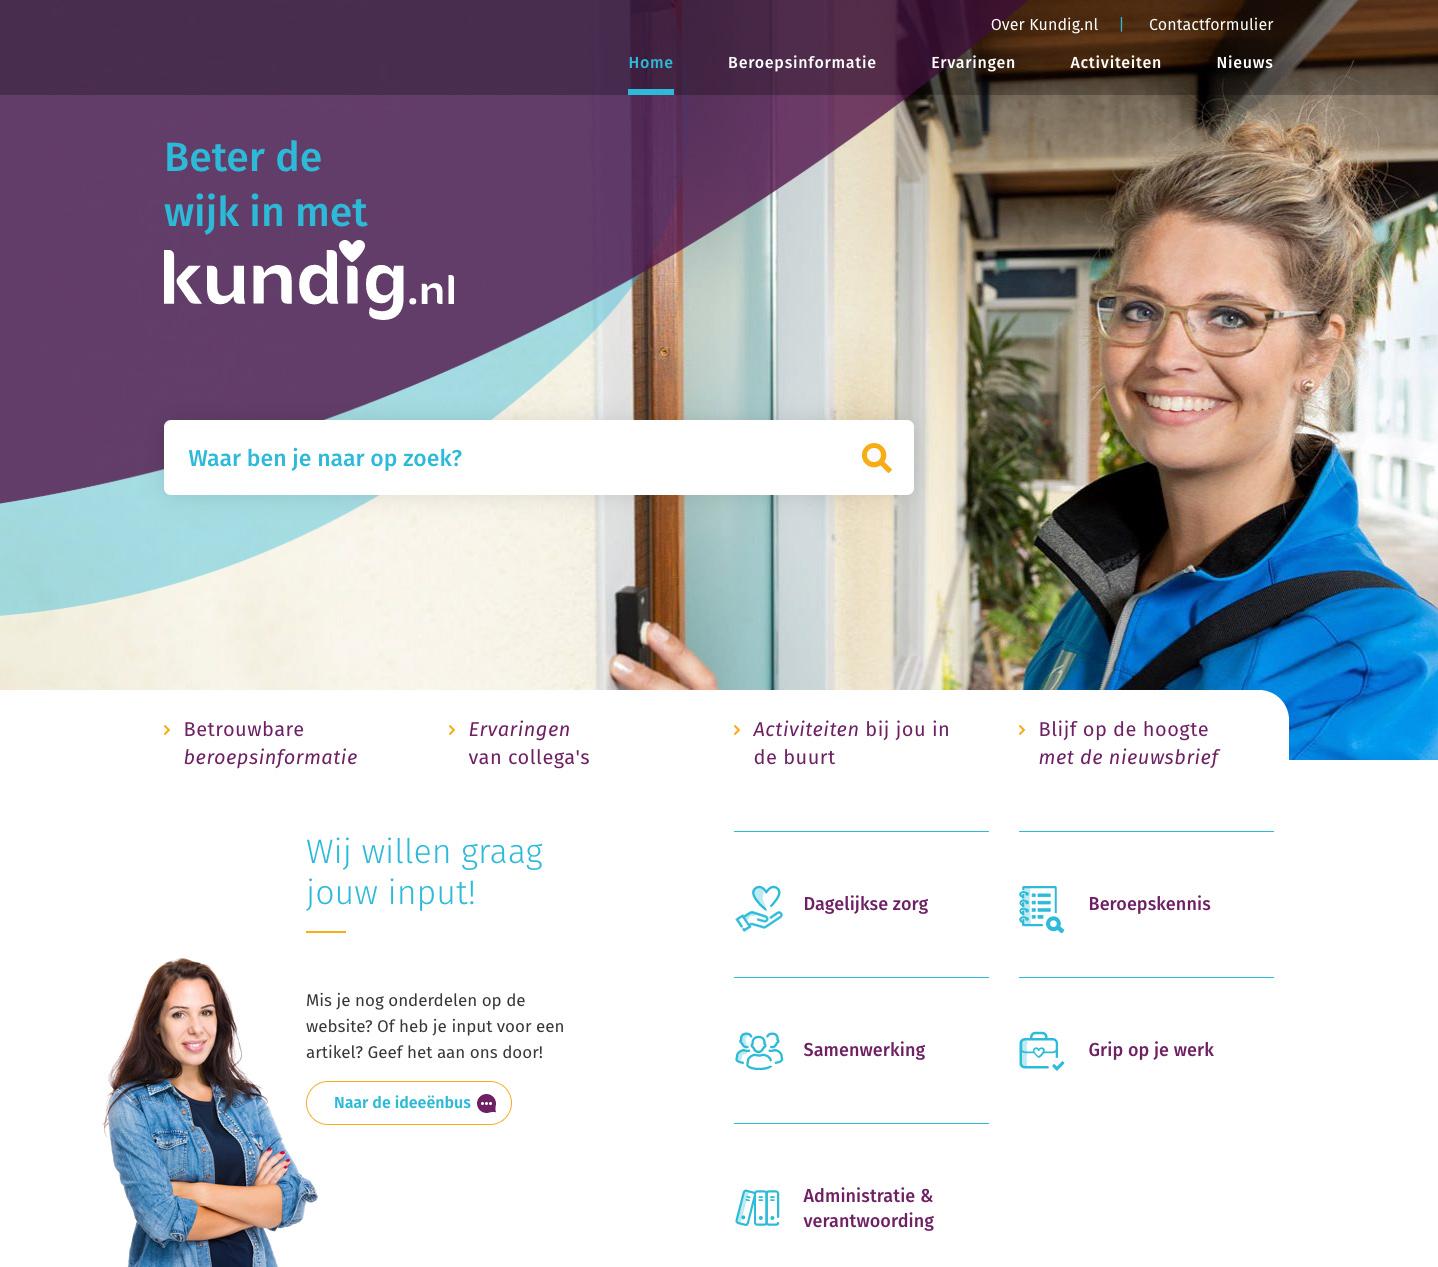 191119-Homepage-Kundig-nl